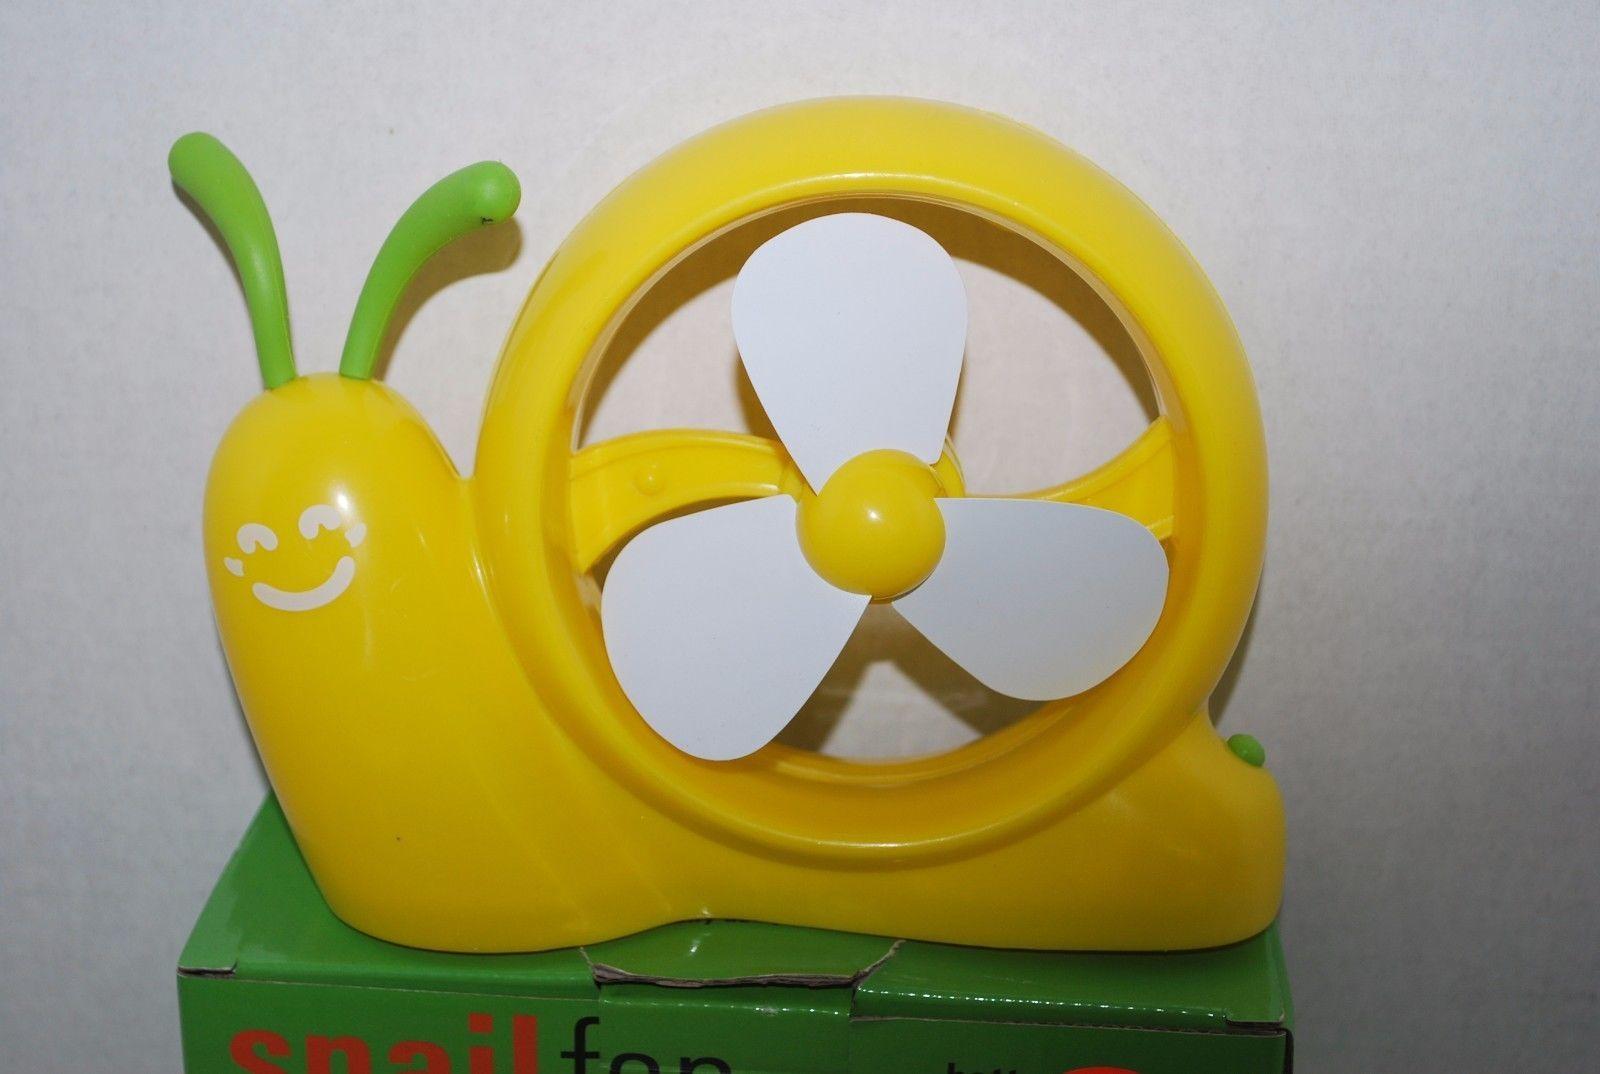 Snail fan 5